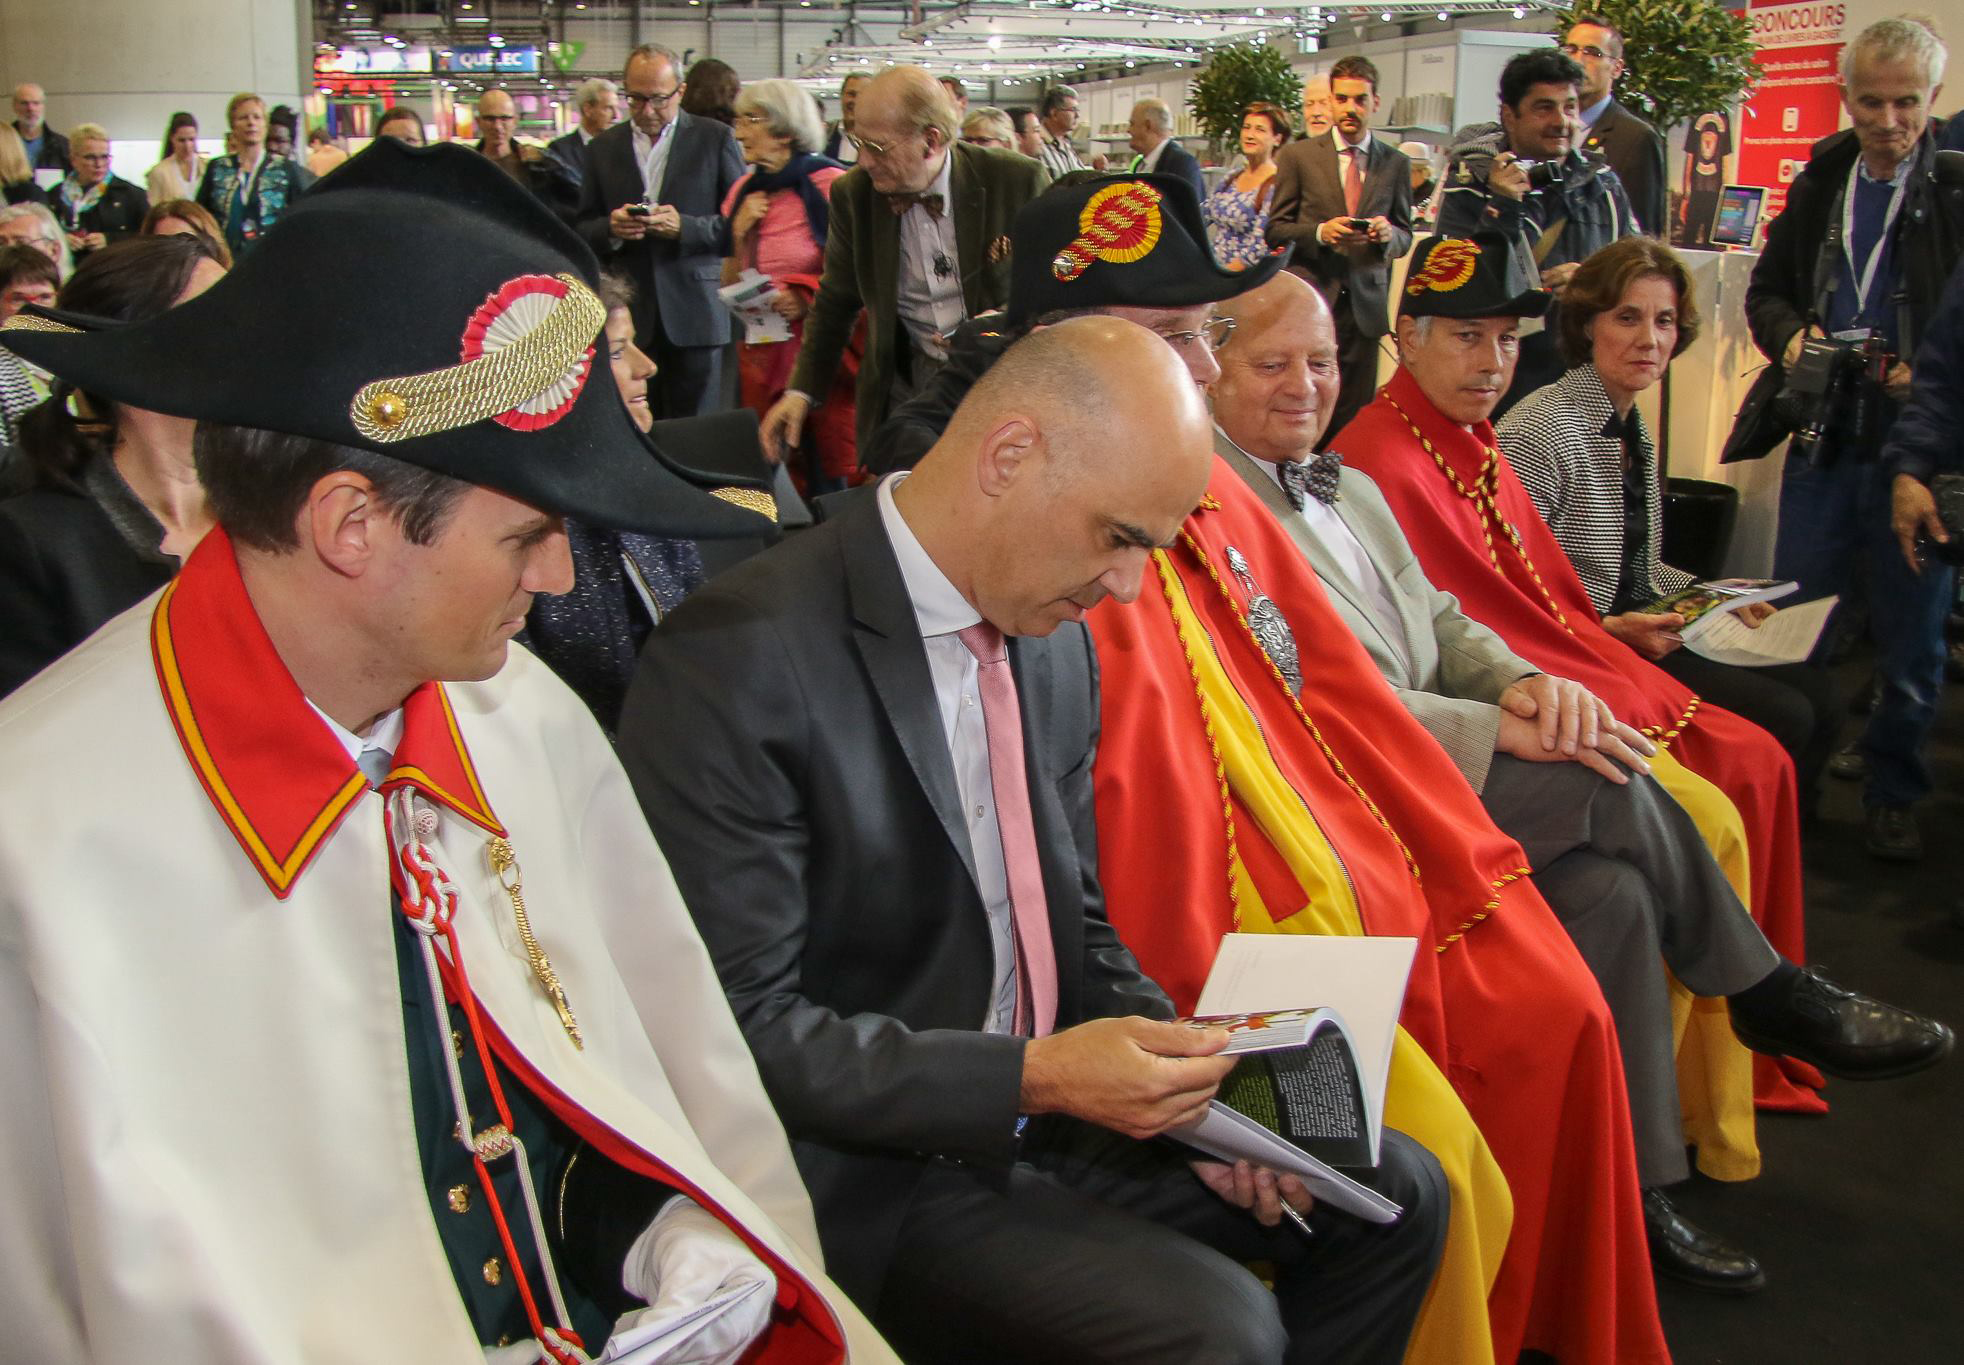 Monsieur le vice-Président du Conseil fédéral Alain Berset et Mme la Conseillère d'Etat Anne Emery-Torracinta lors de l'inauguration du salon du livre